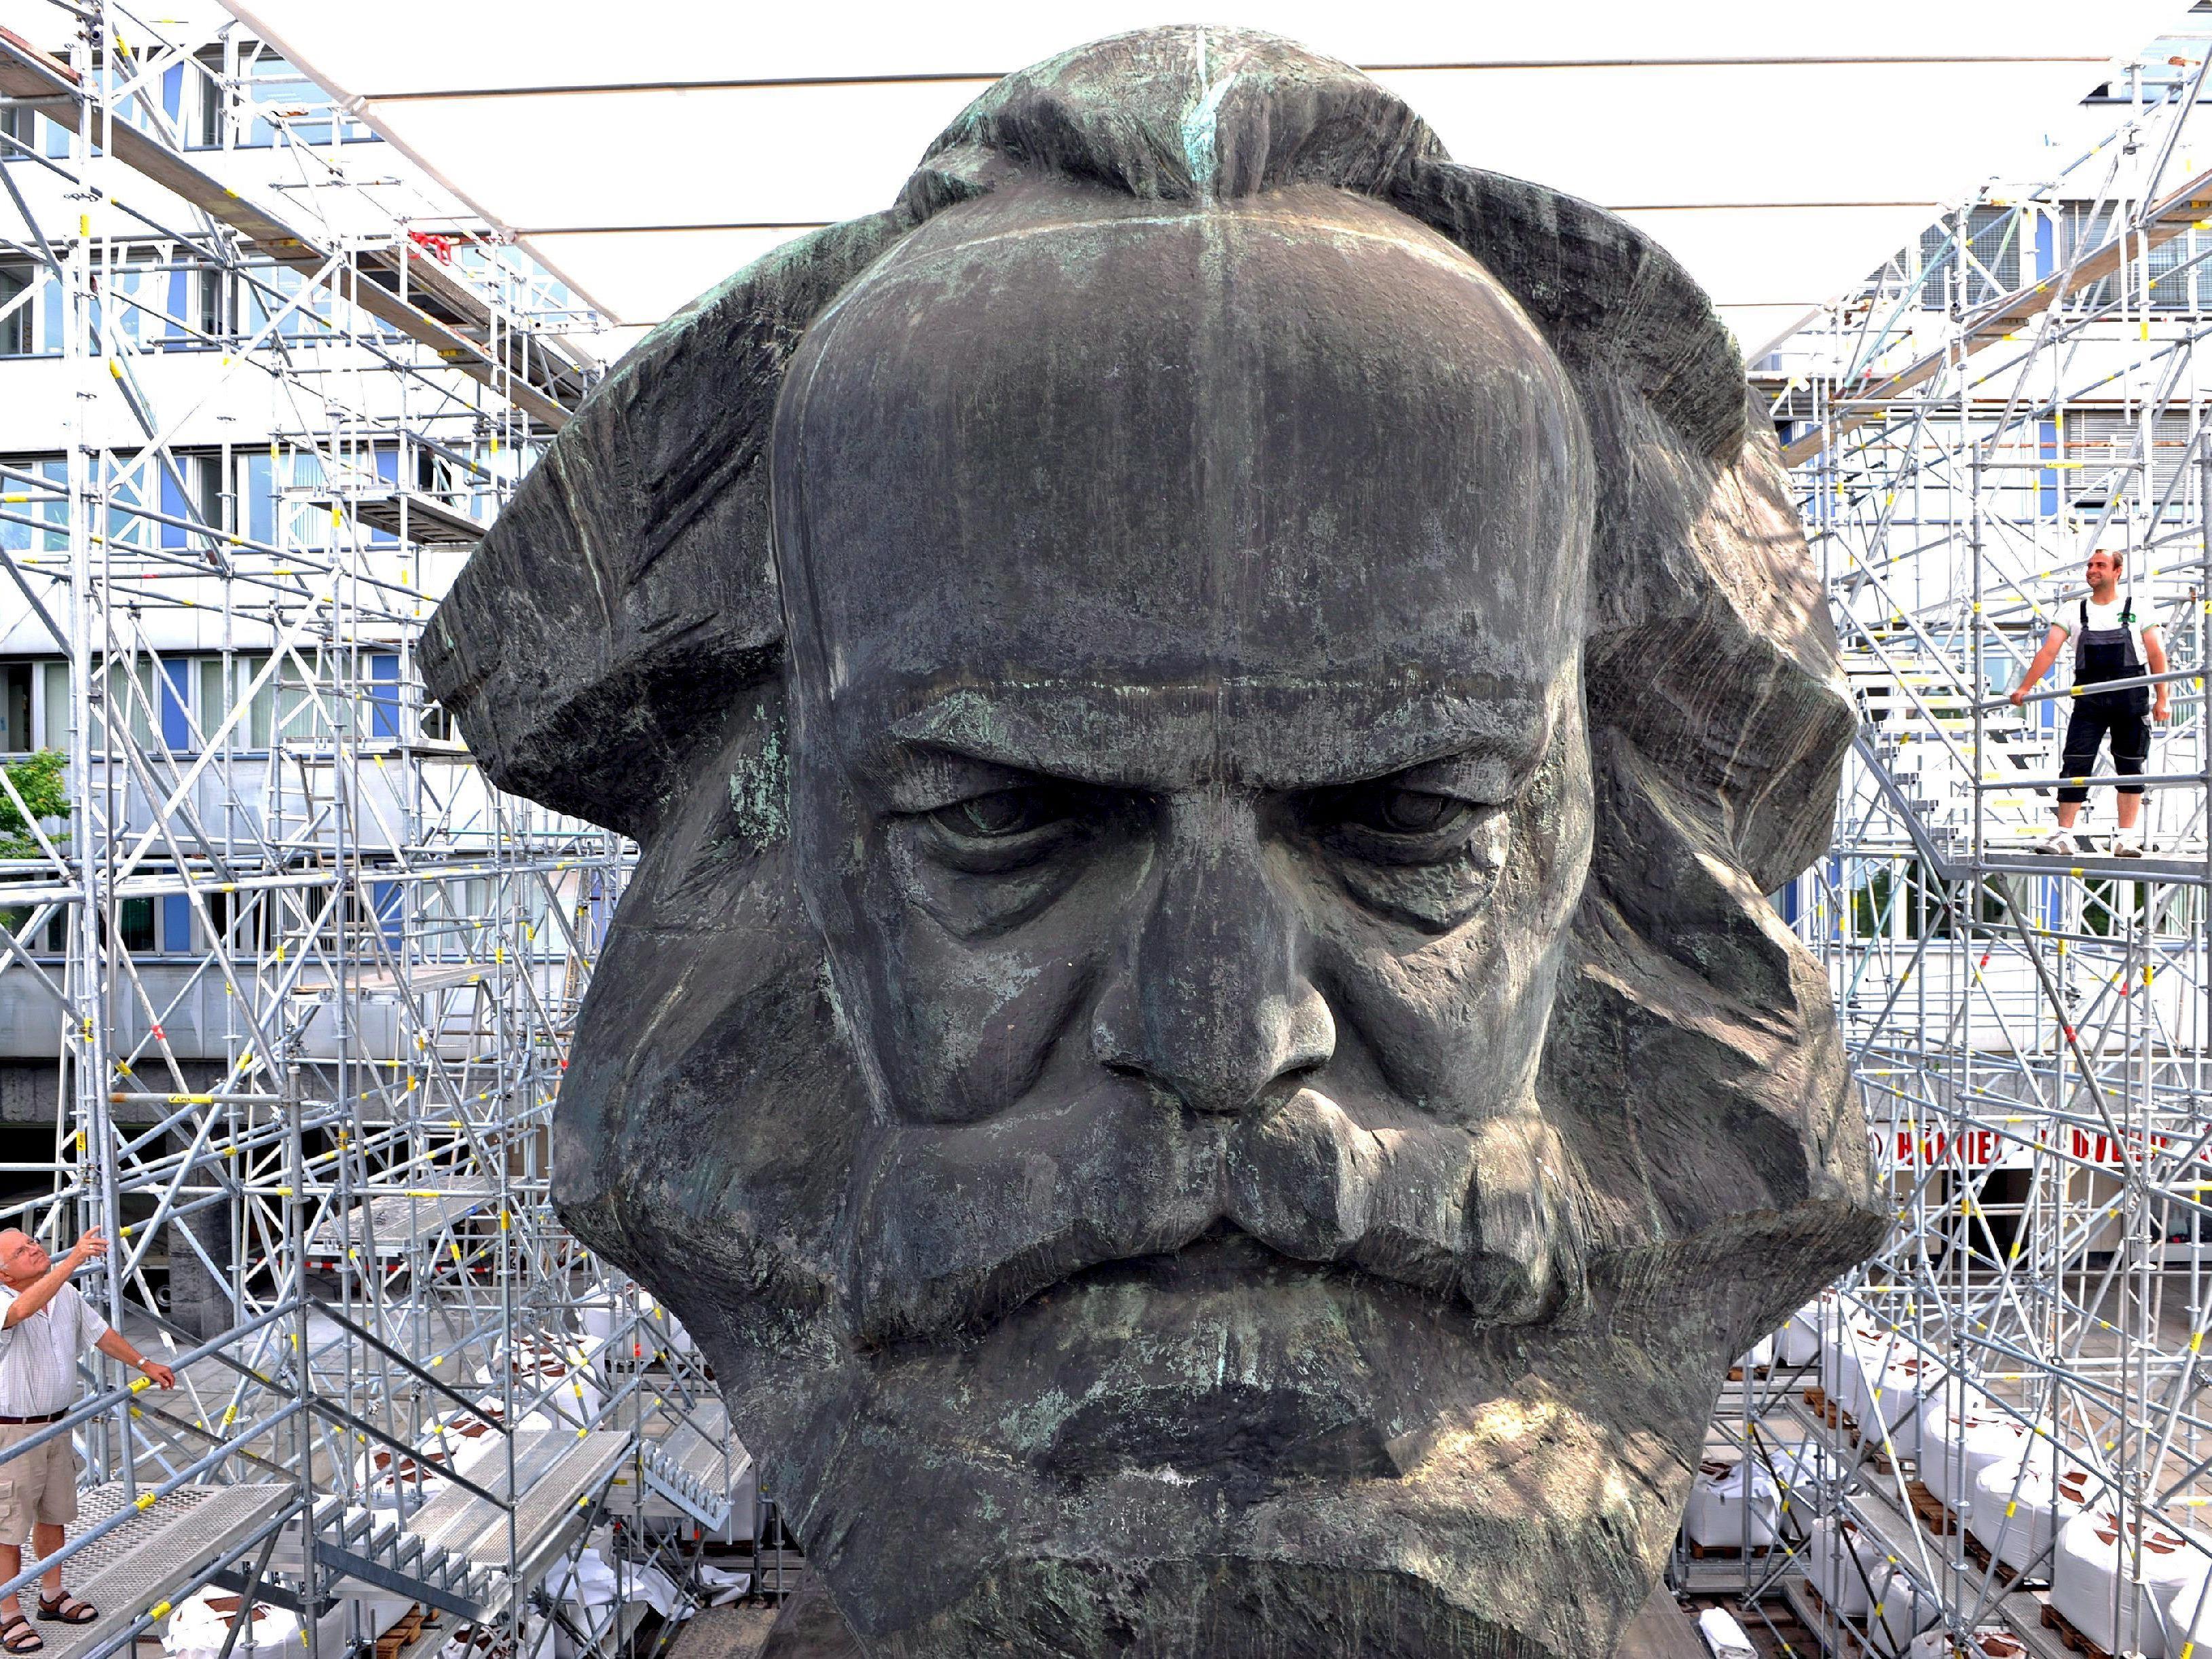 Kommunismus: Wer hat die Vision von Marx, Engels und Lenin vollendet?